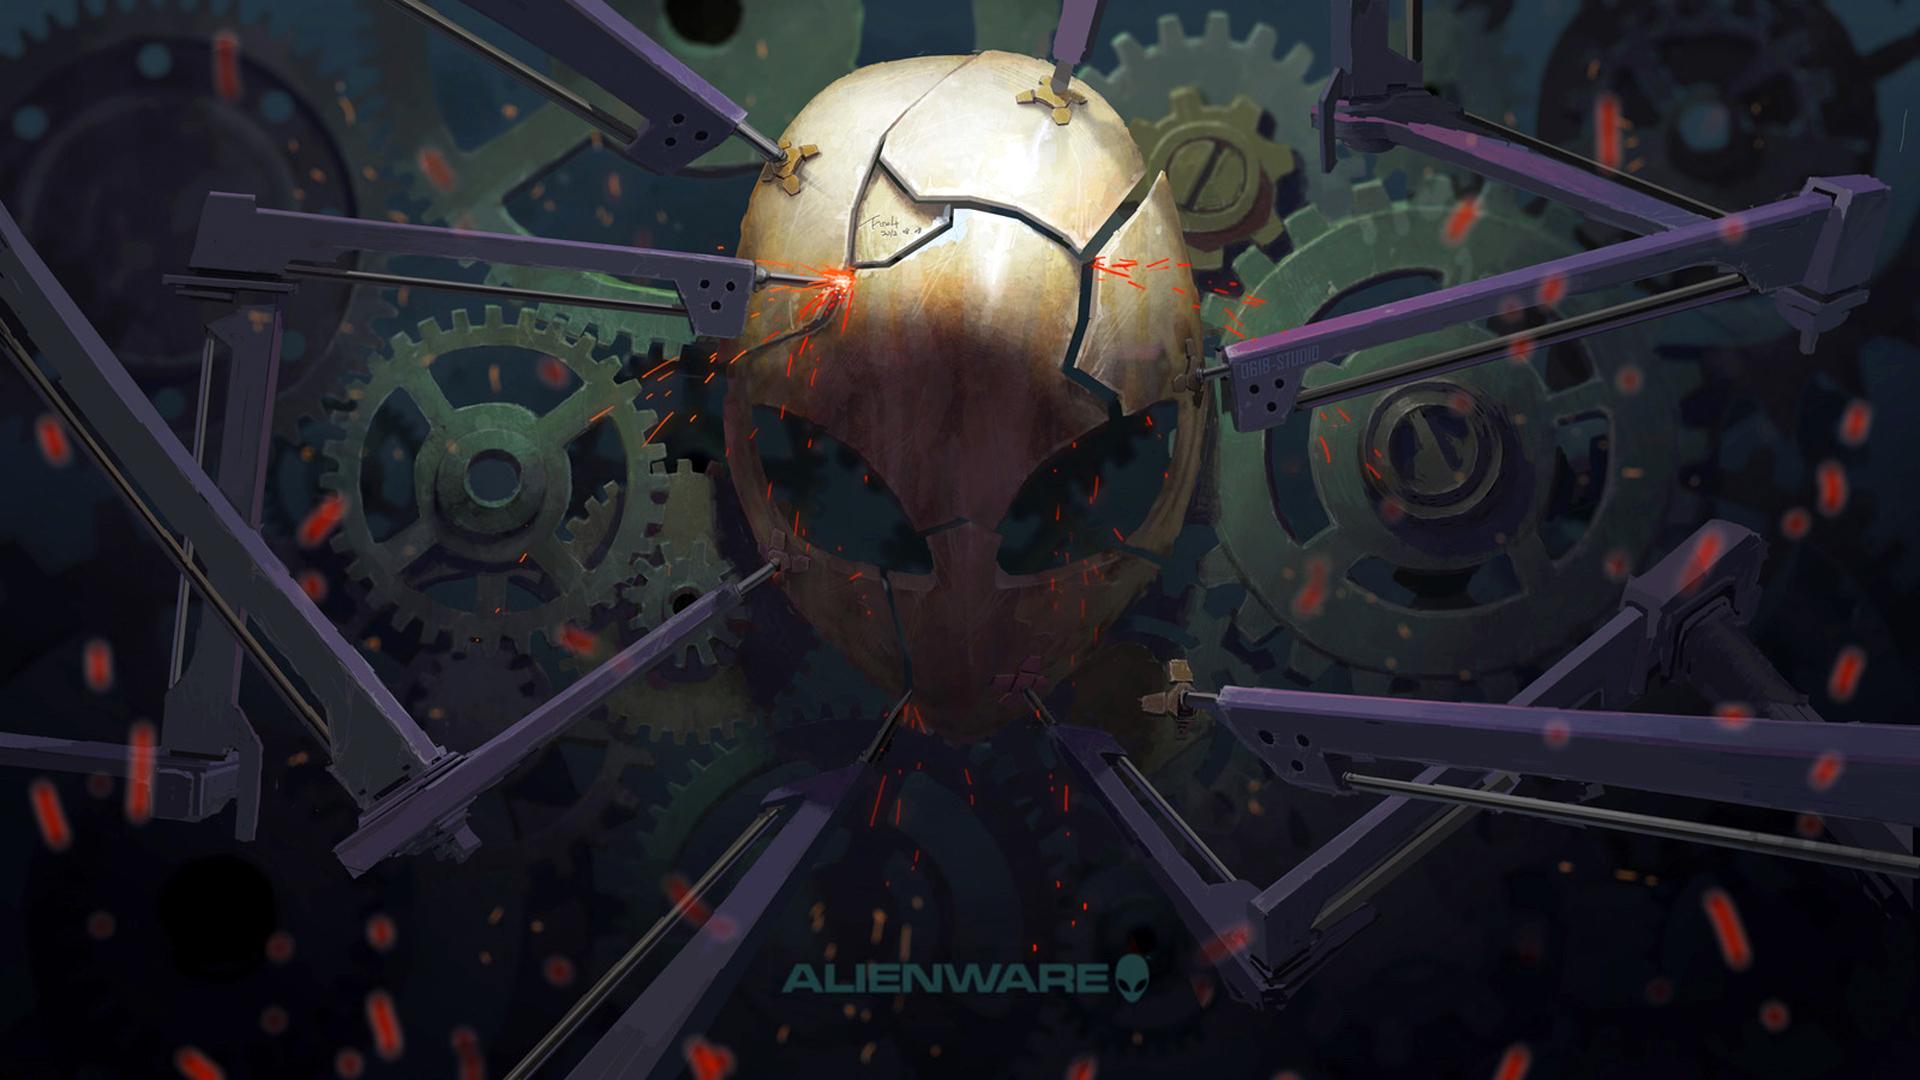 Alienware broken mask 43 wallpaper hd alienware broken mask cool logo voltagebd Images